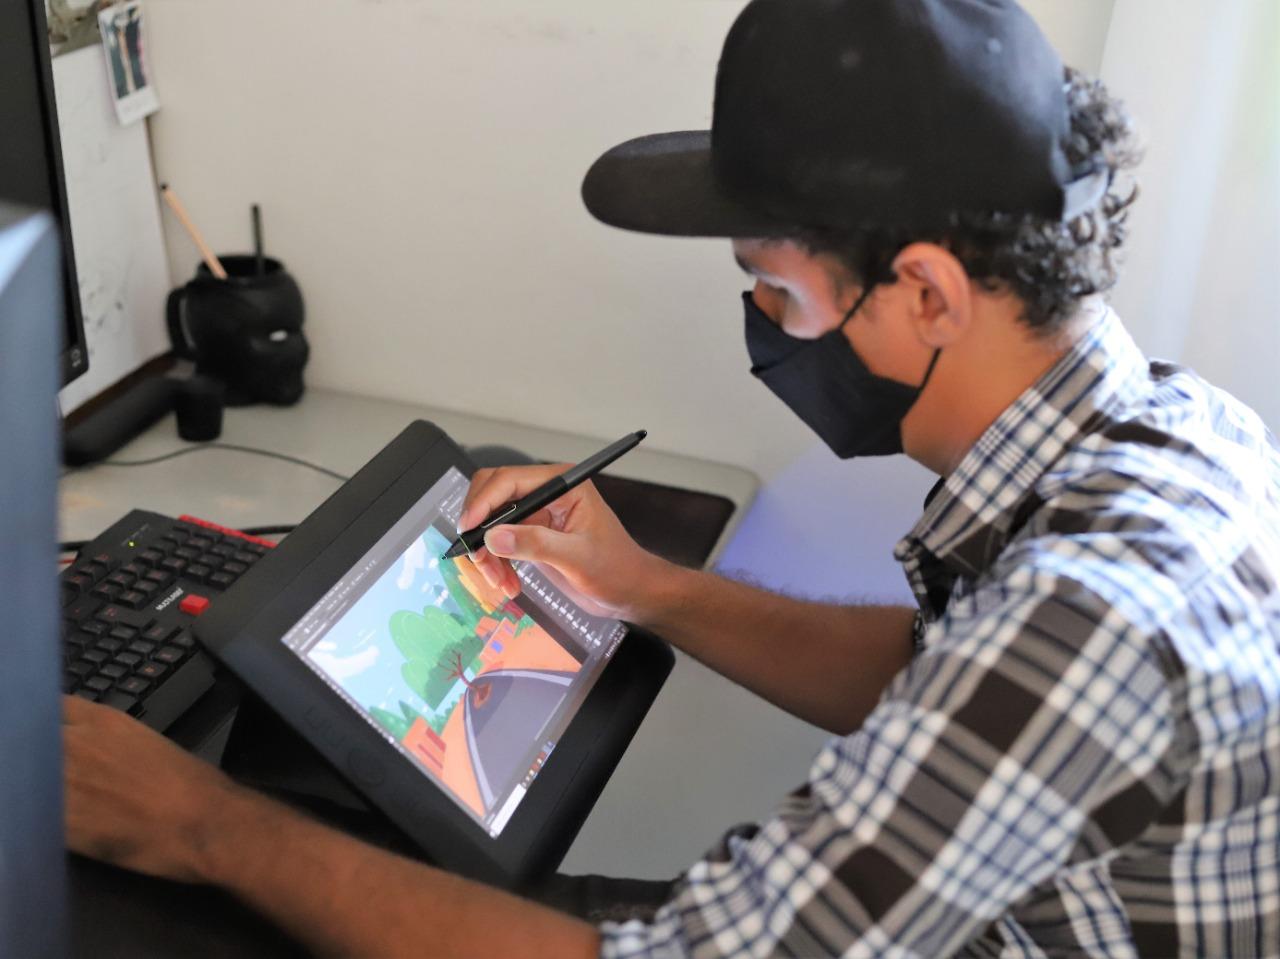 Araguainense é destaque em produções nacionais como designer de animação